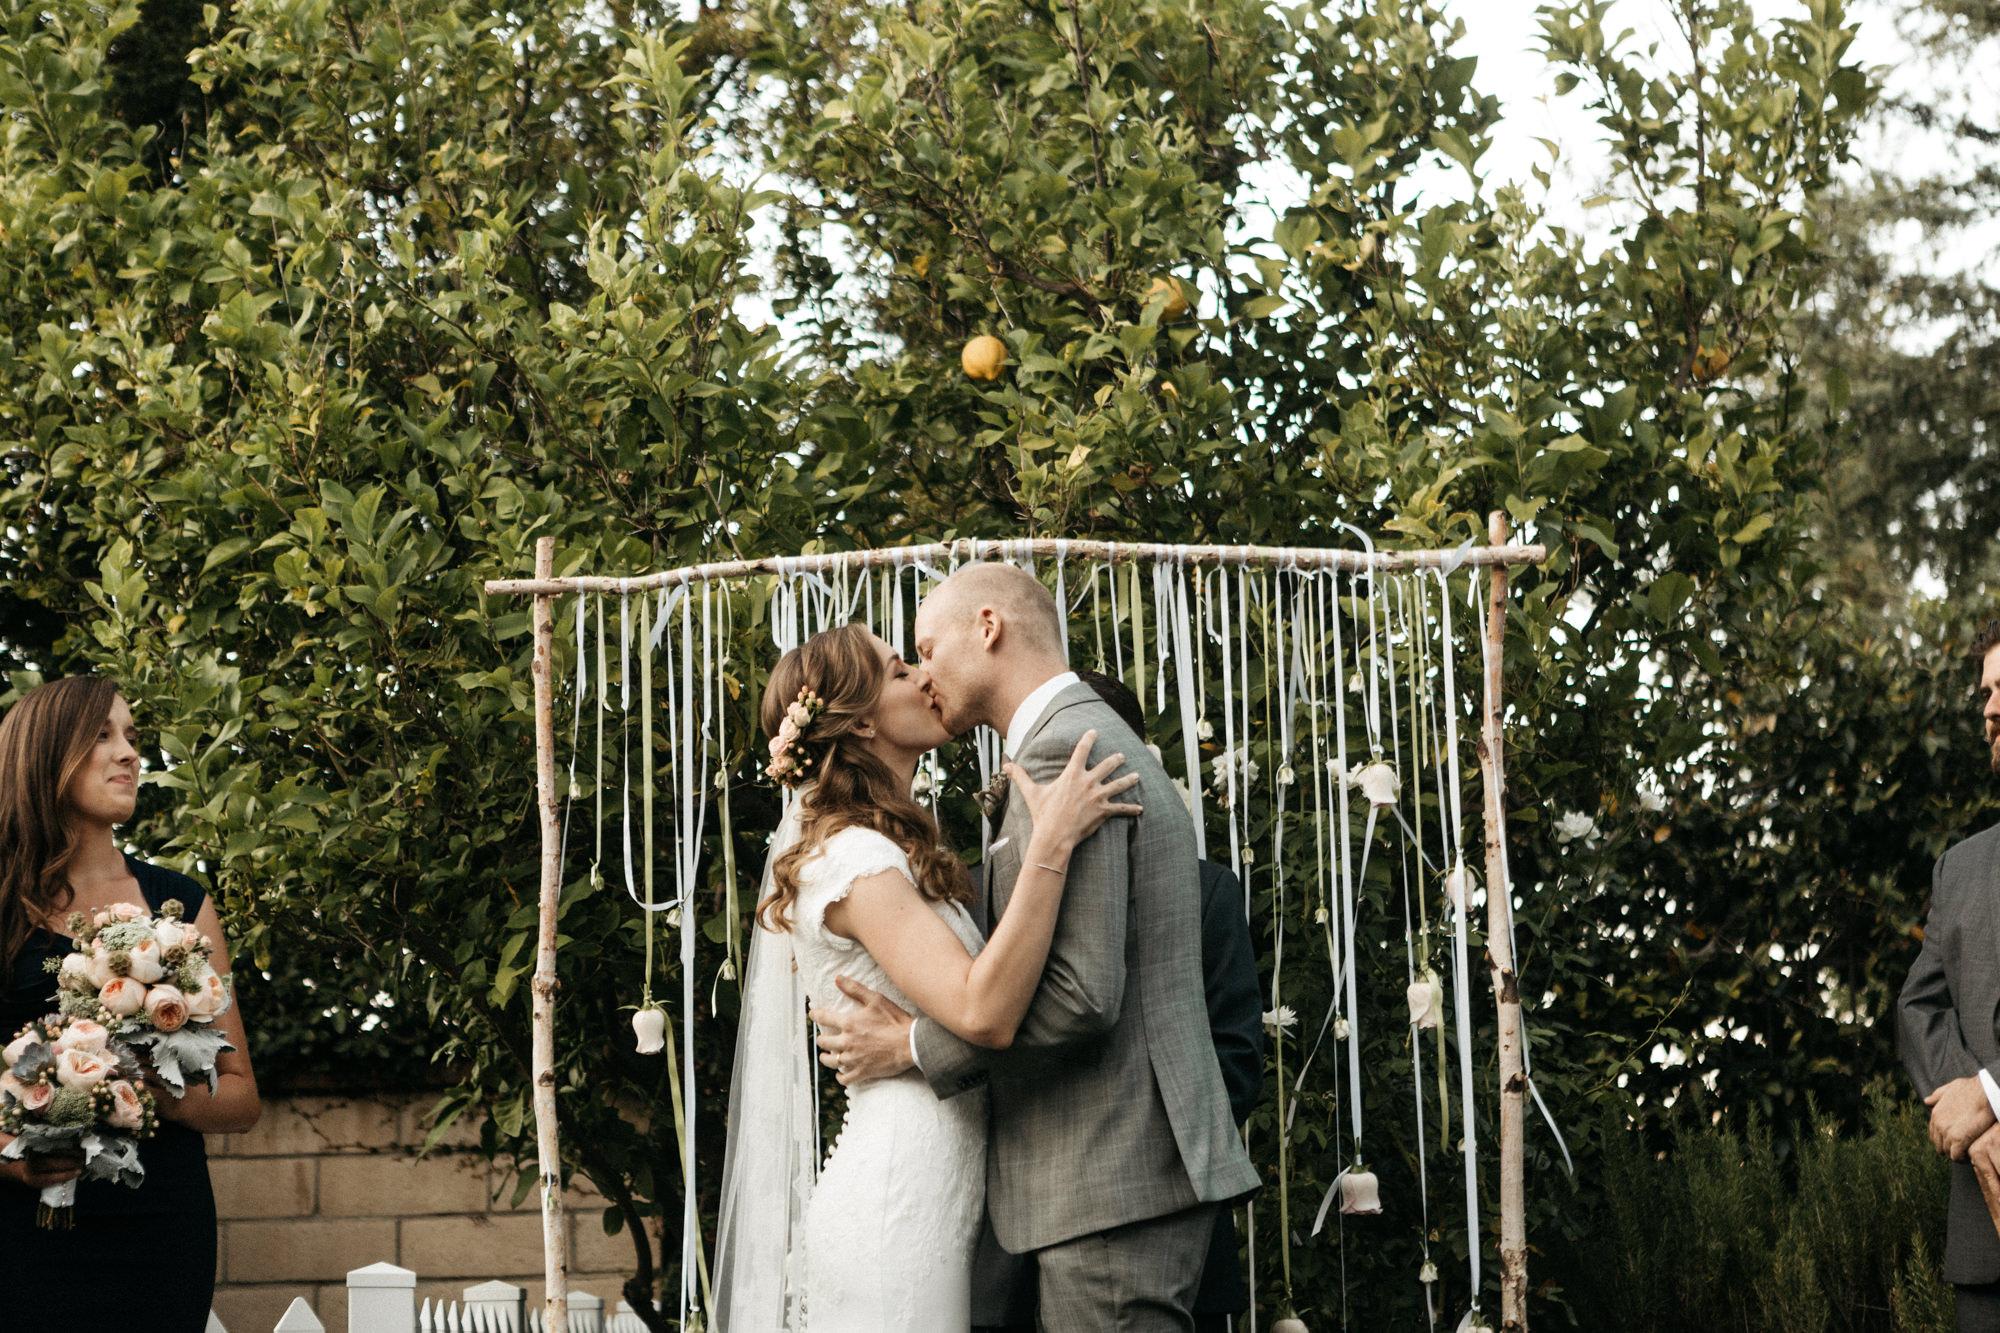 los_angeles_mormon_temple_wedding-36.jpg